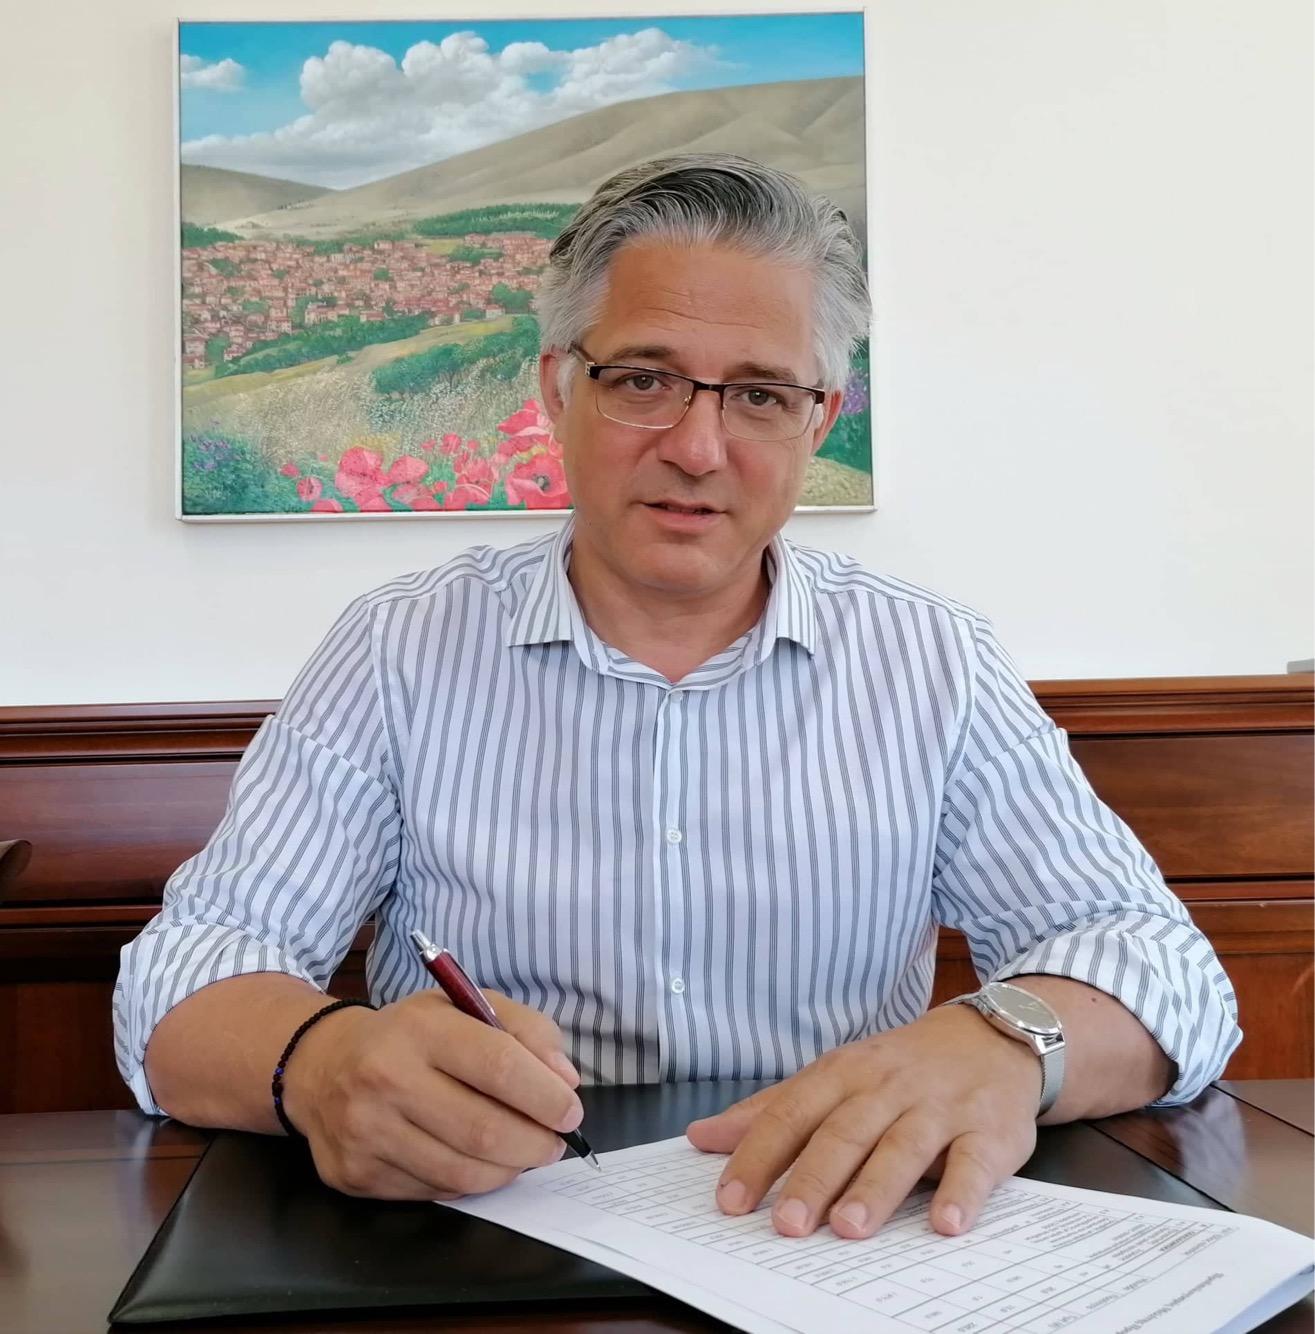 Υπογραφή συμβάσεων για την εκτέλεση έργων ύδρευσης και οδοποιίας στο Δήμο Βοΐου